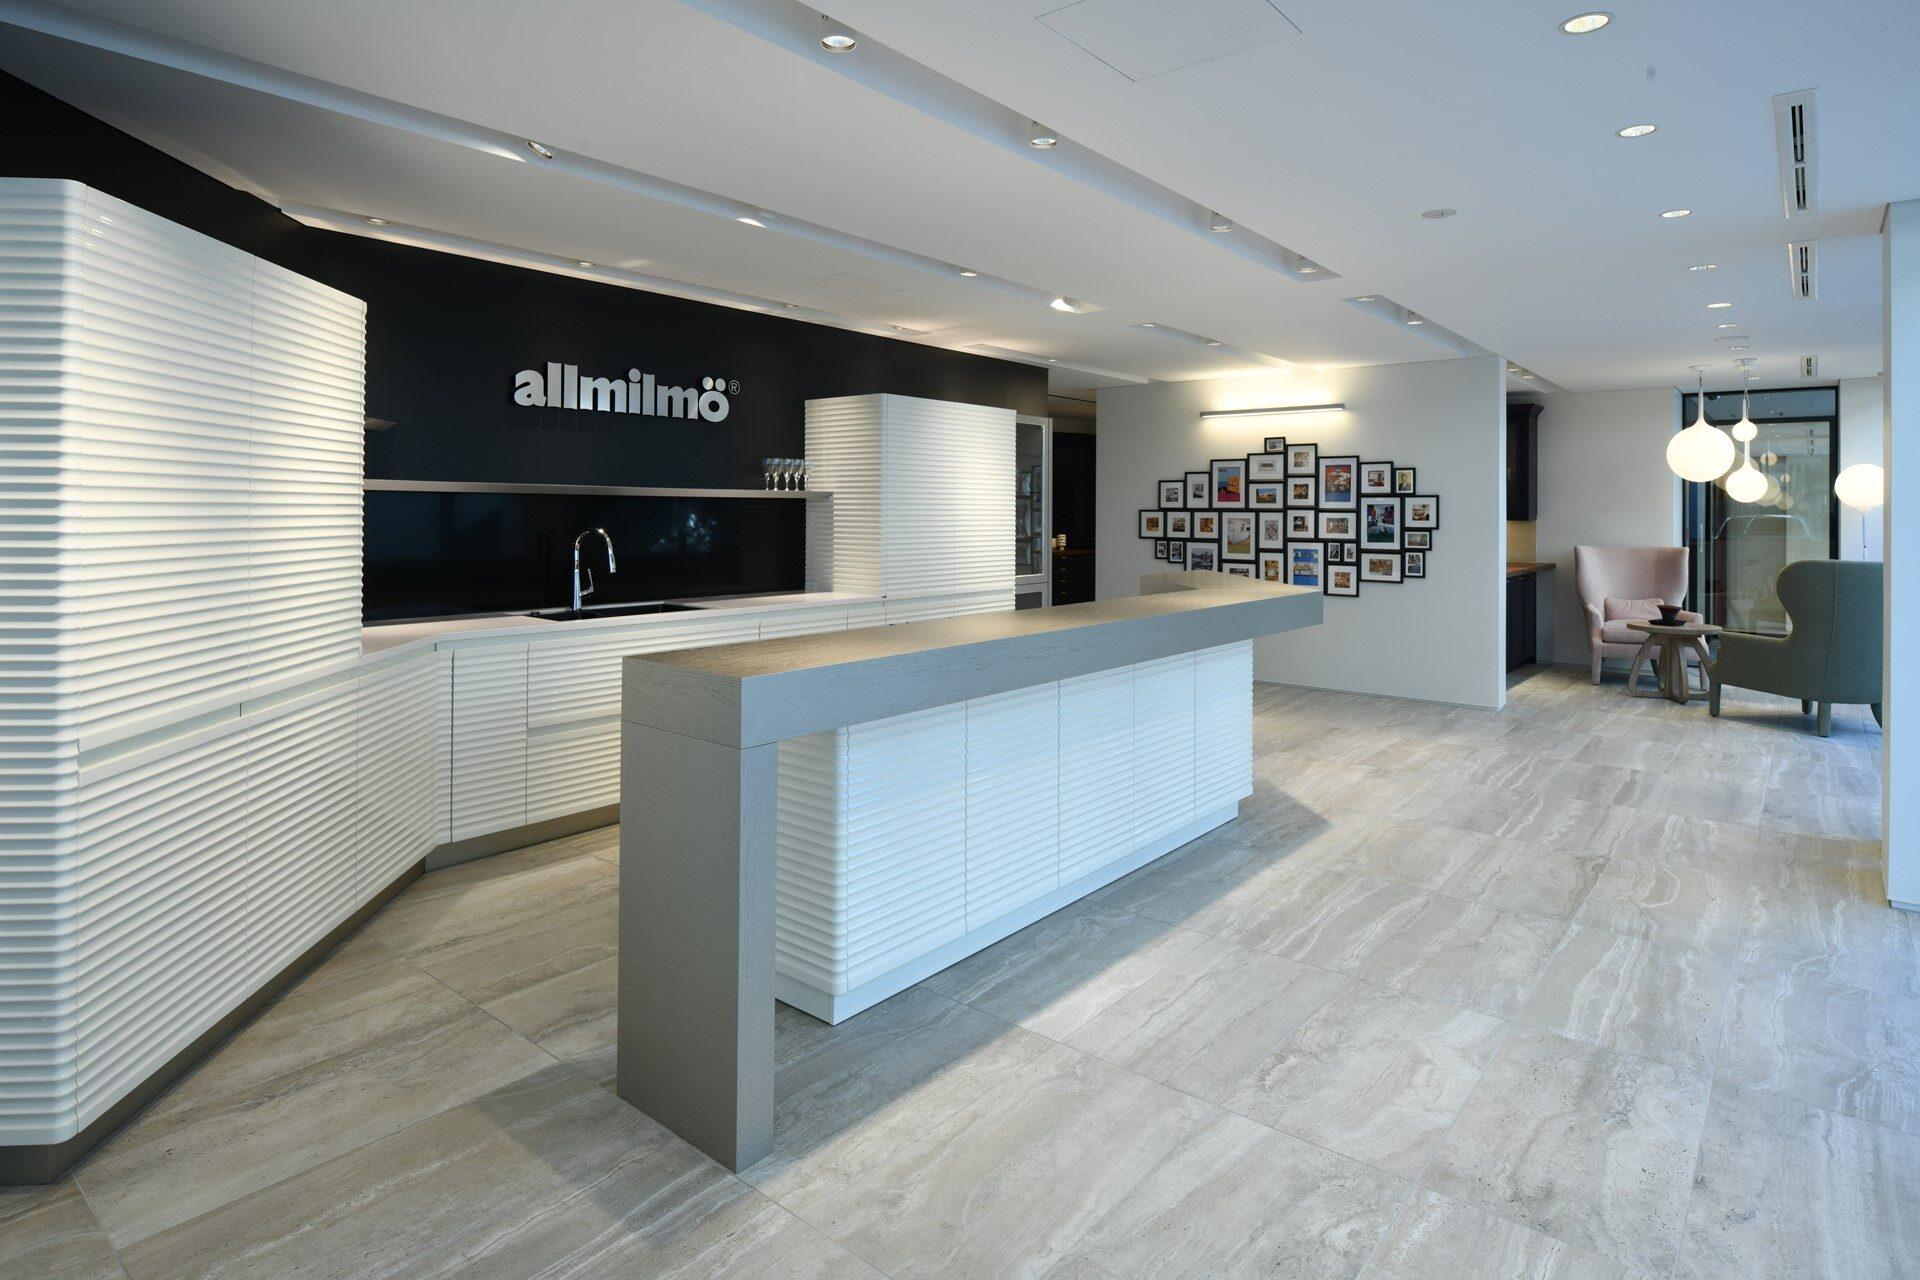 ドイツ製高級システムキッチン「allmilmö(アルミルモ)」